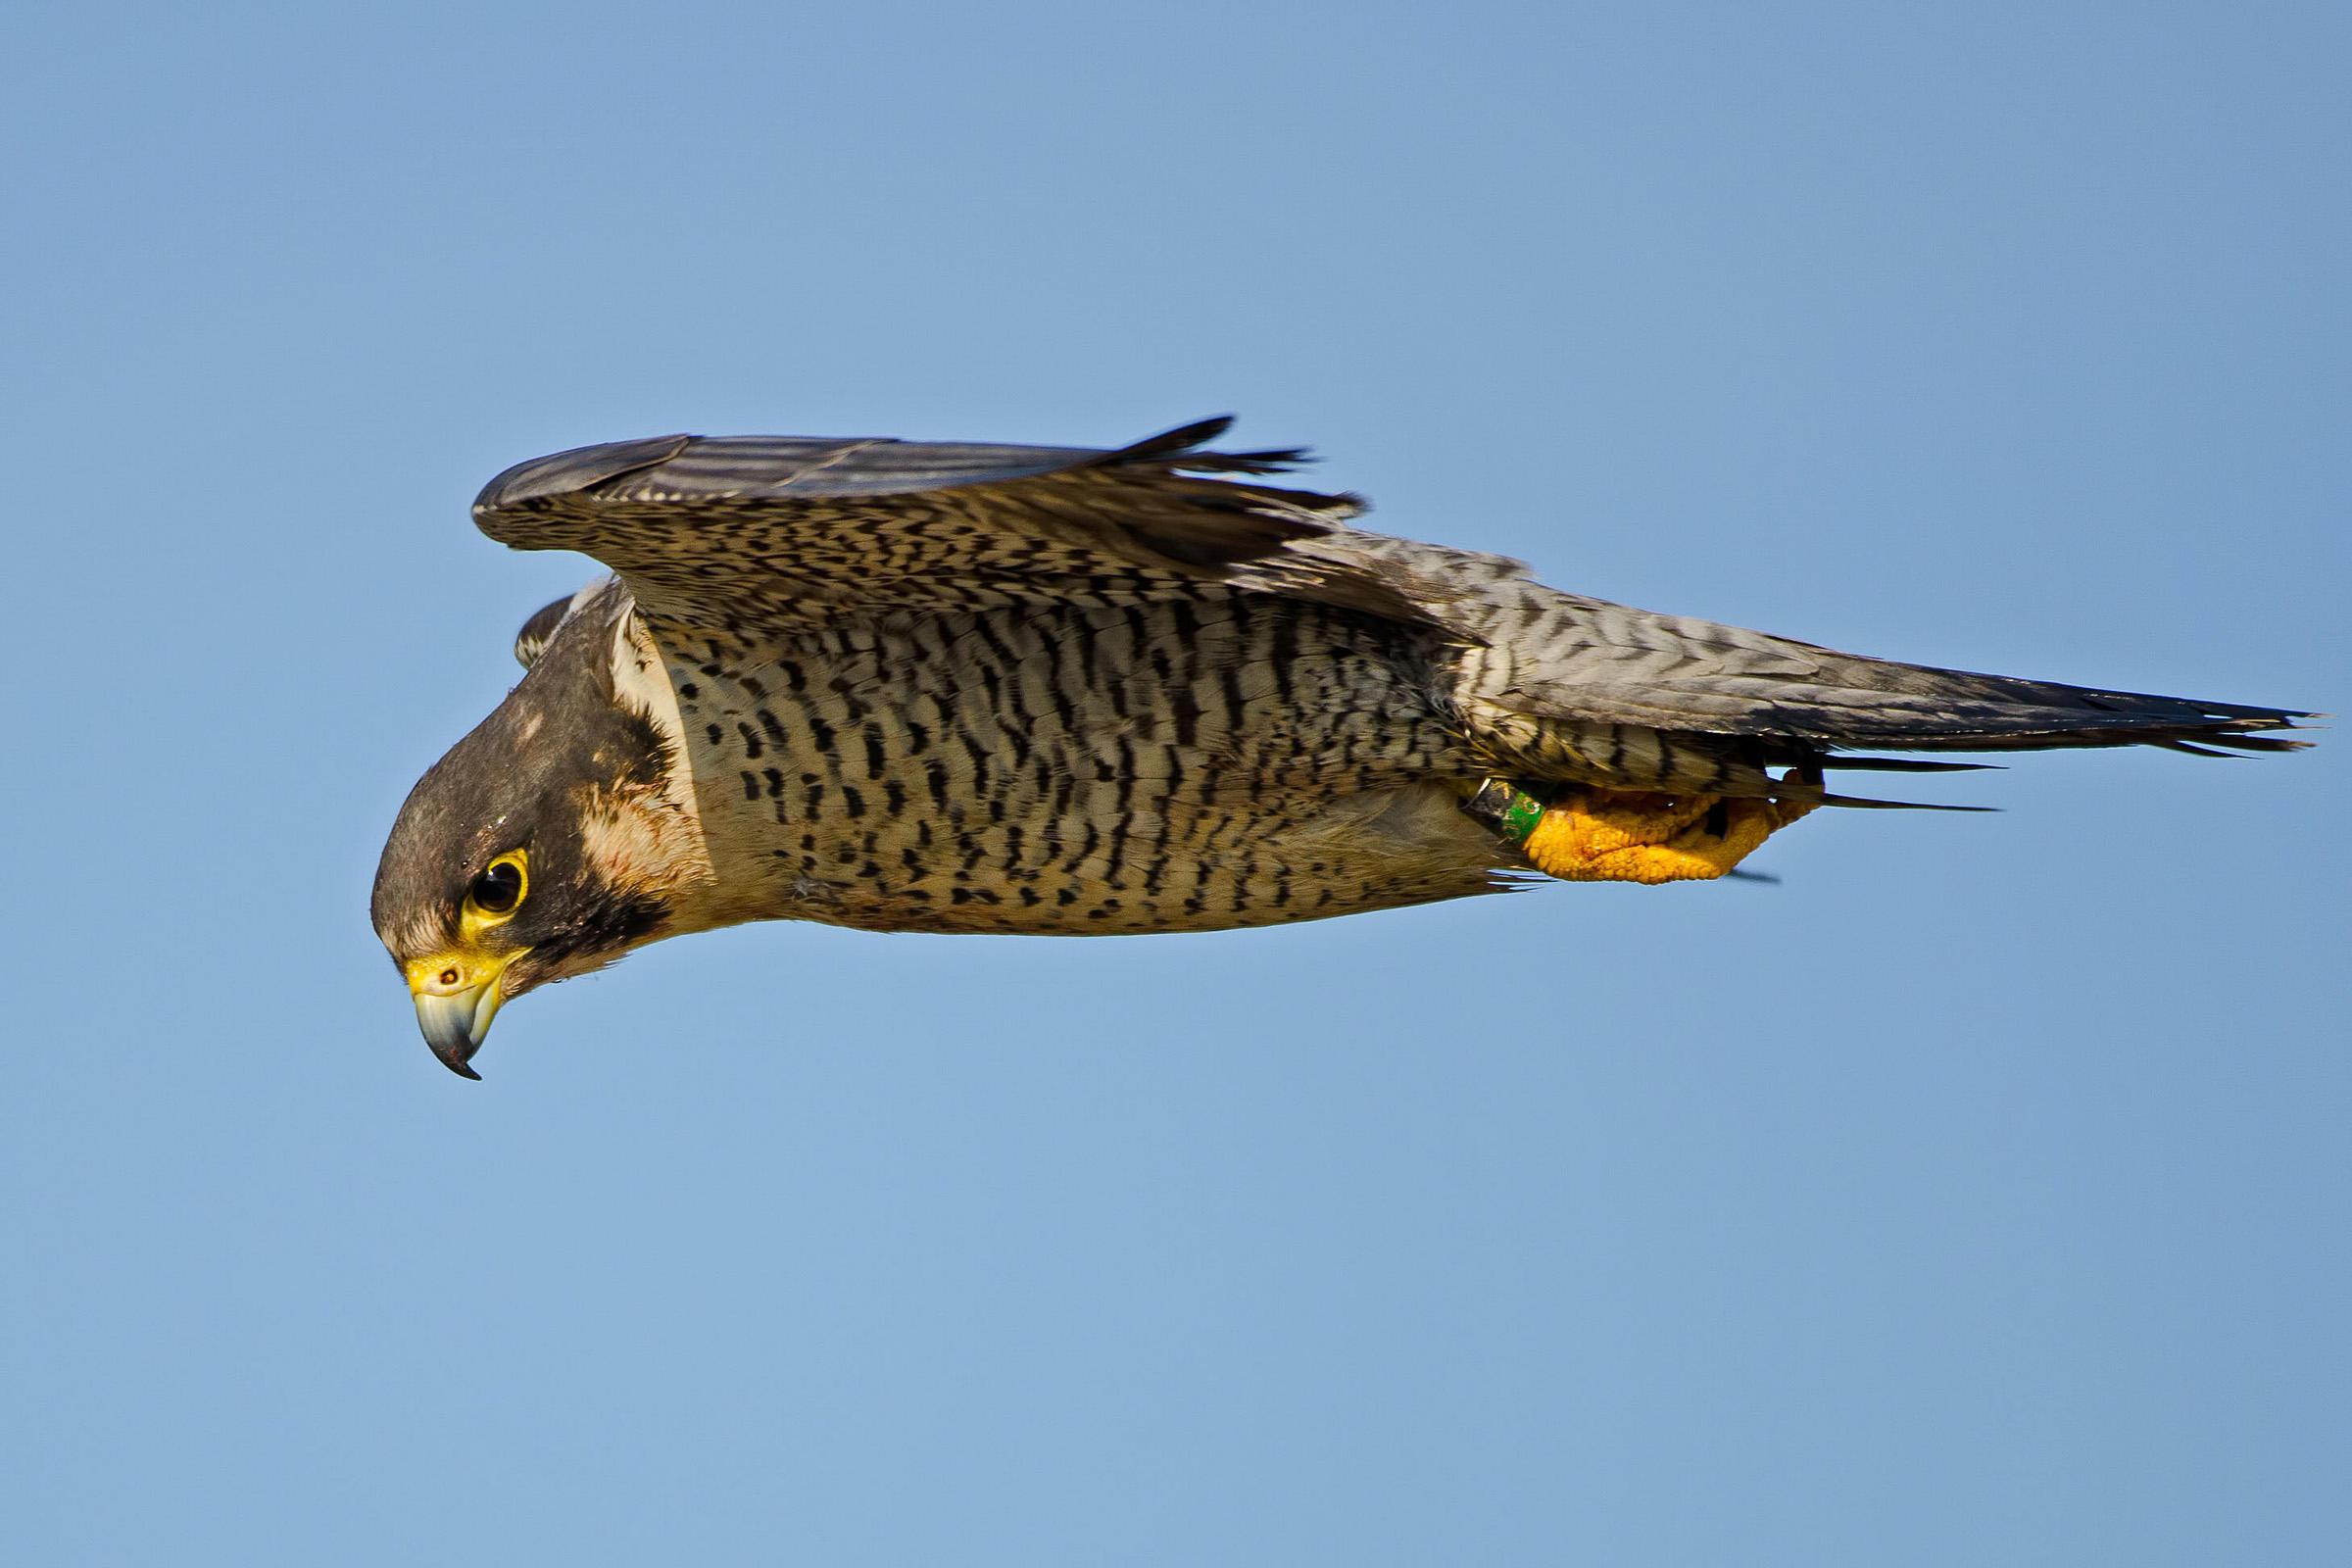 Visual acuity - Photo: Brian Kushner/Audubon Photography Awards